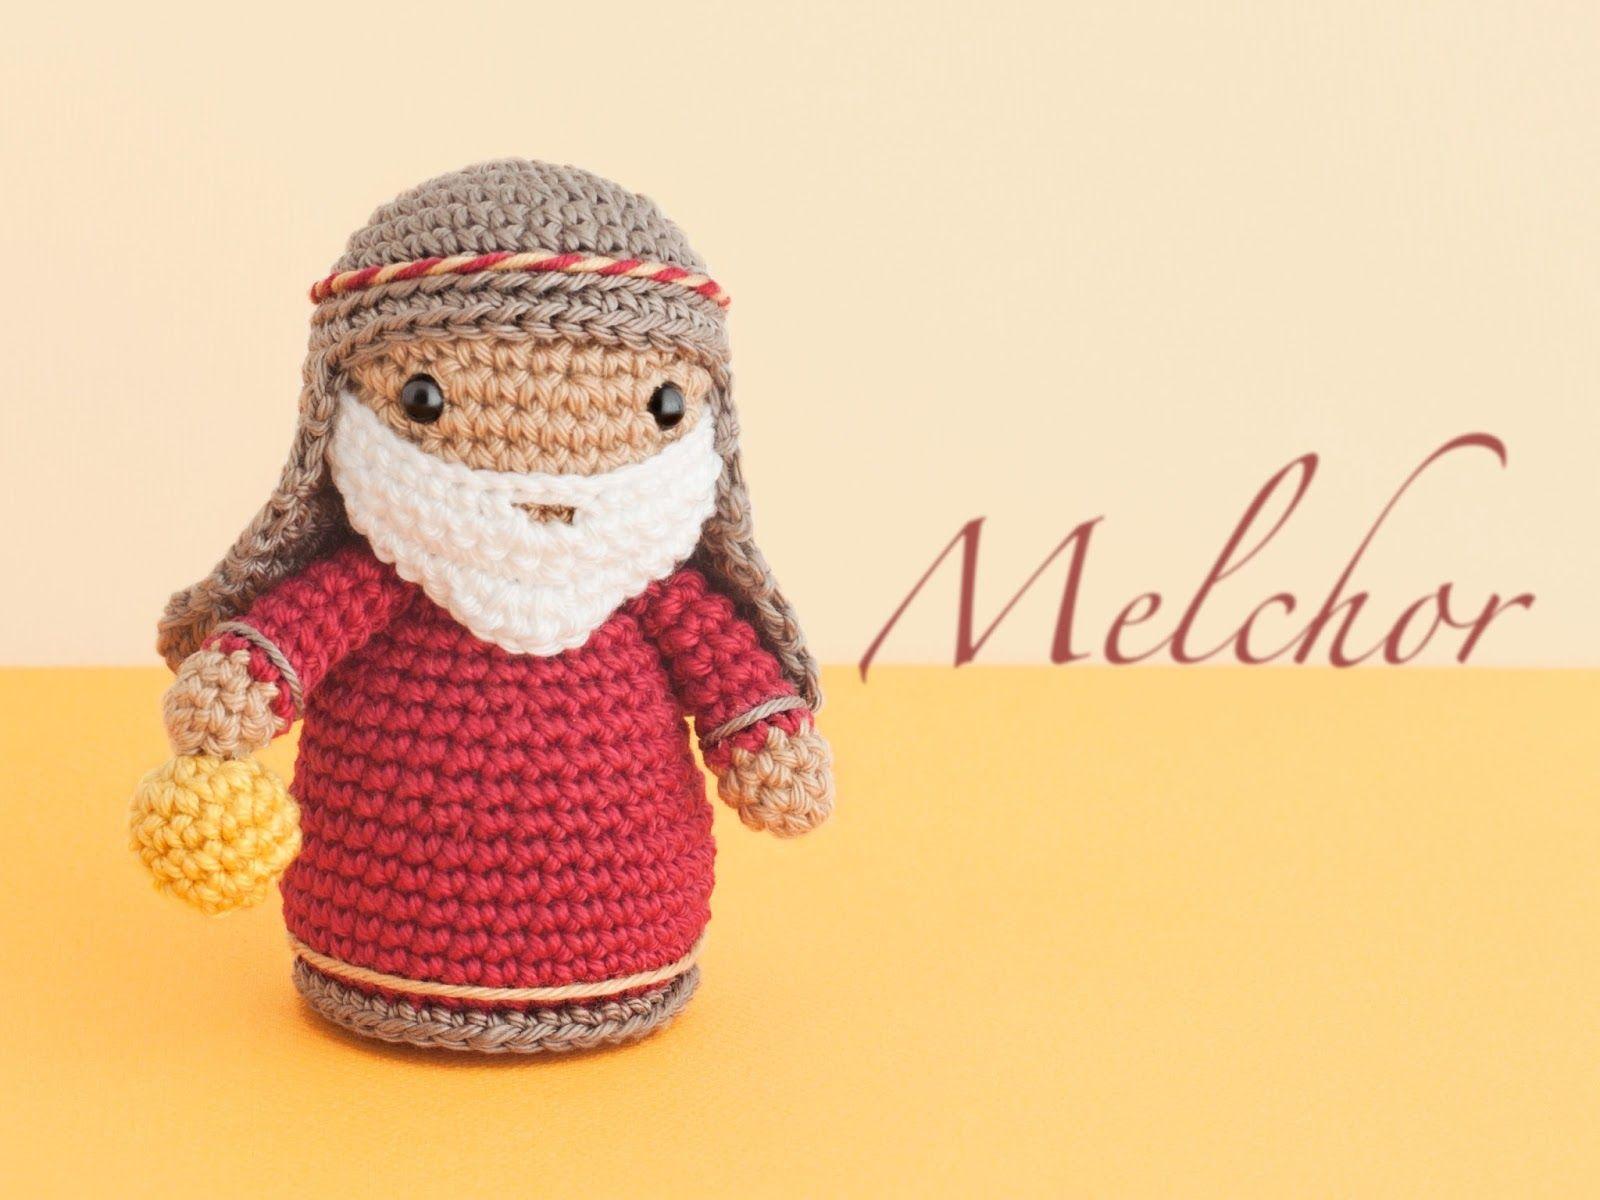 Amigurumi Navidad Nacimiento : Amigurumi magi melchior free crochet pattern tutorial